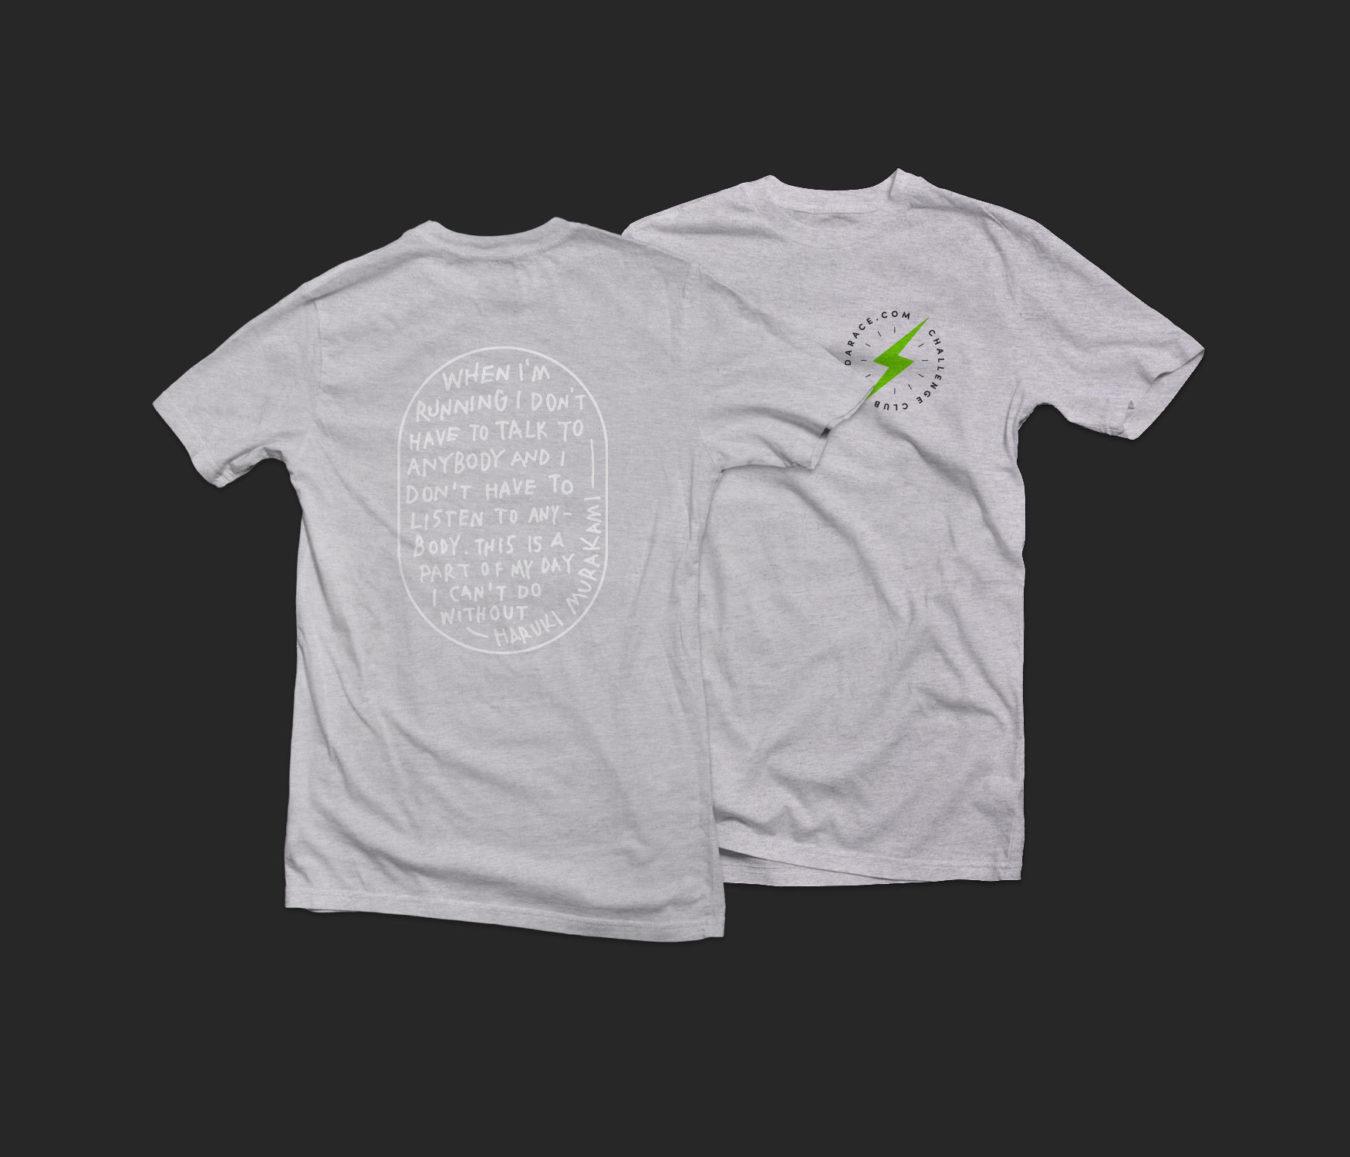 T Shirt Mockup Grey